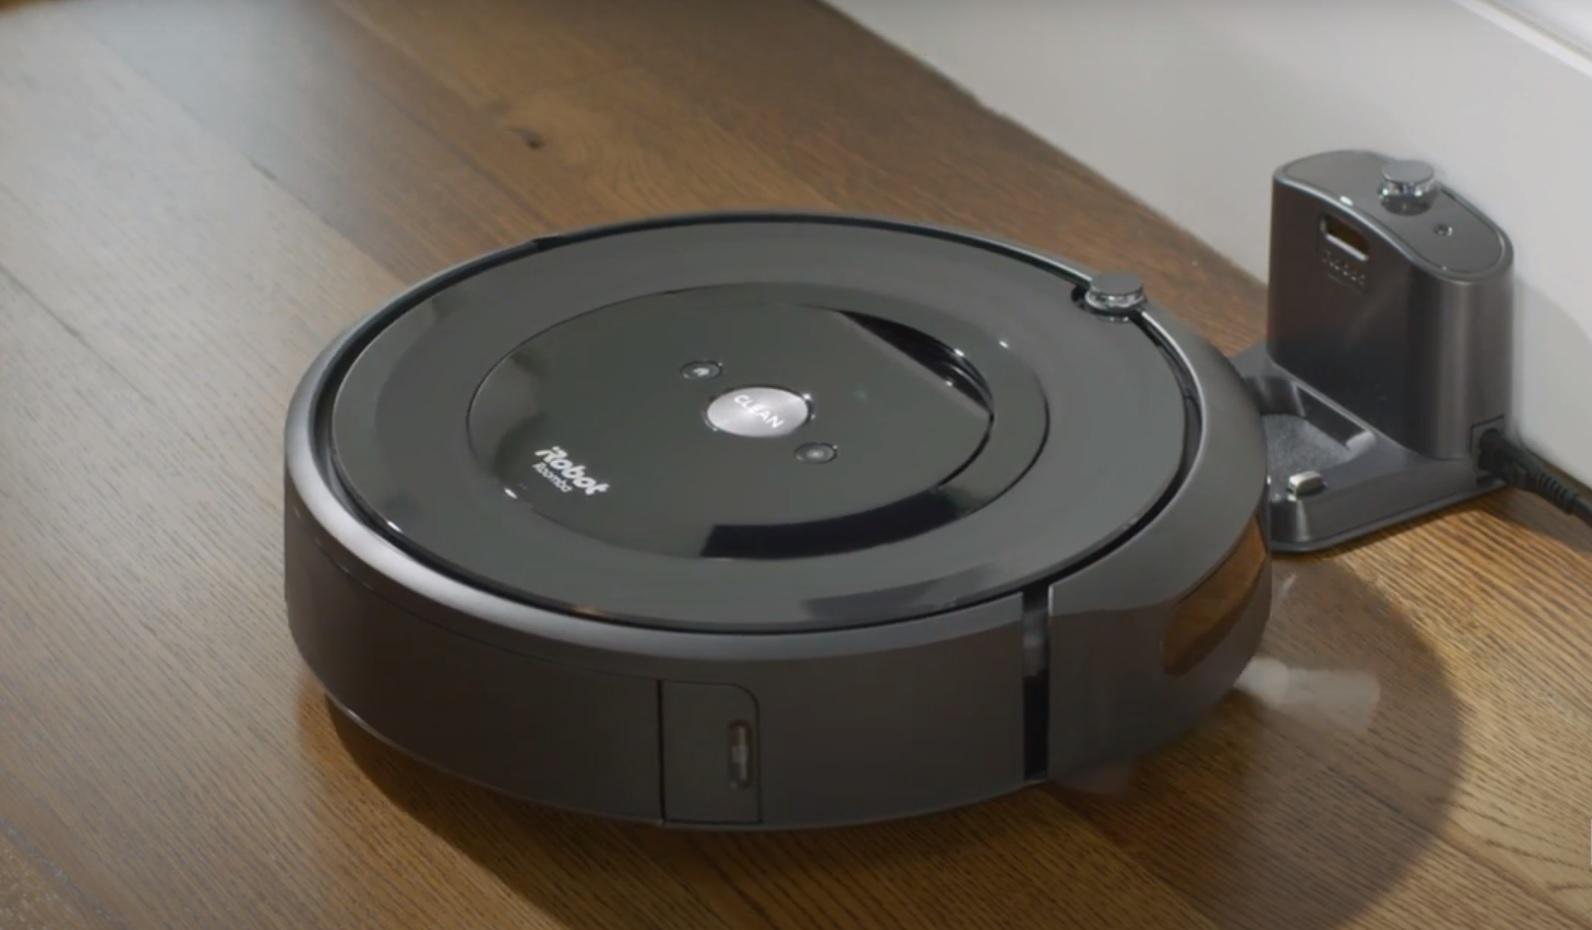 iRobot「ルンバ e5 e515060」 5万円台で買える新世代のルンバ